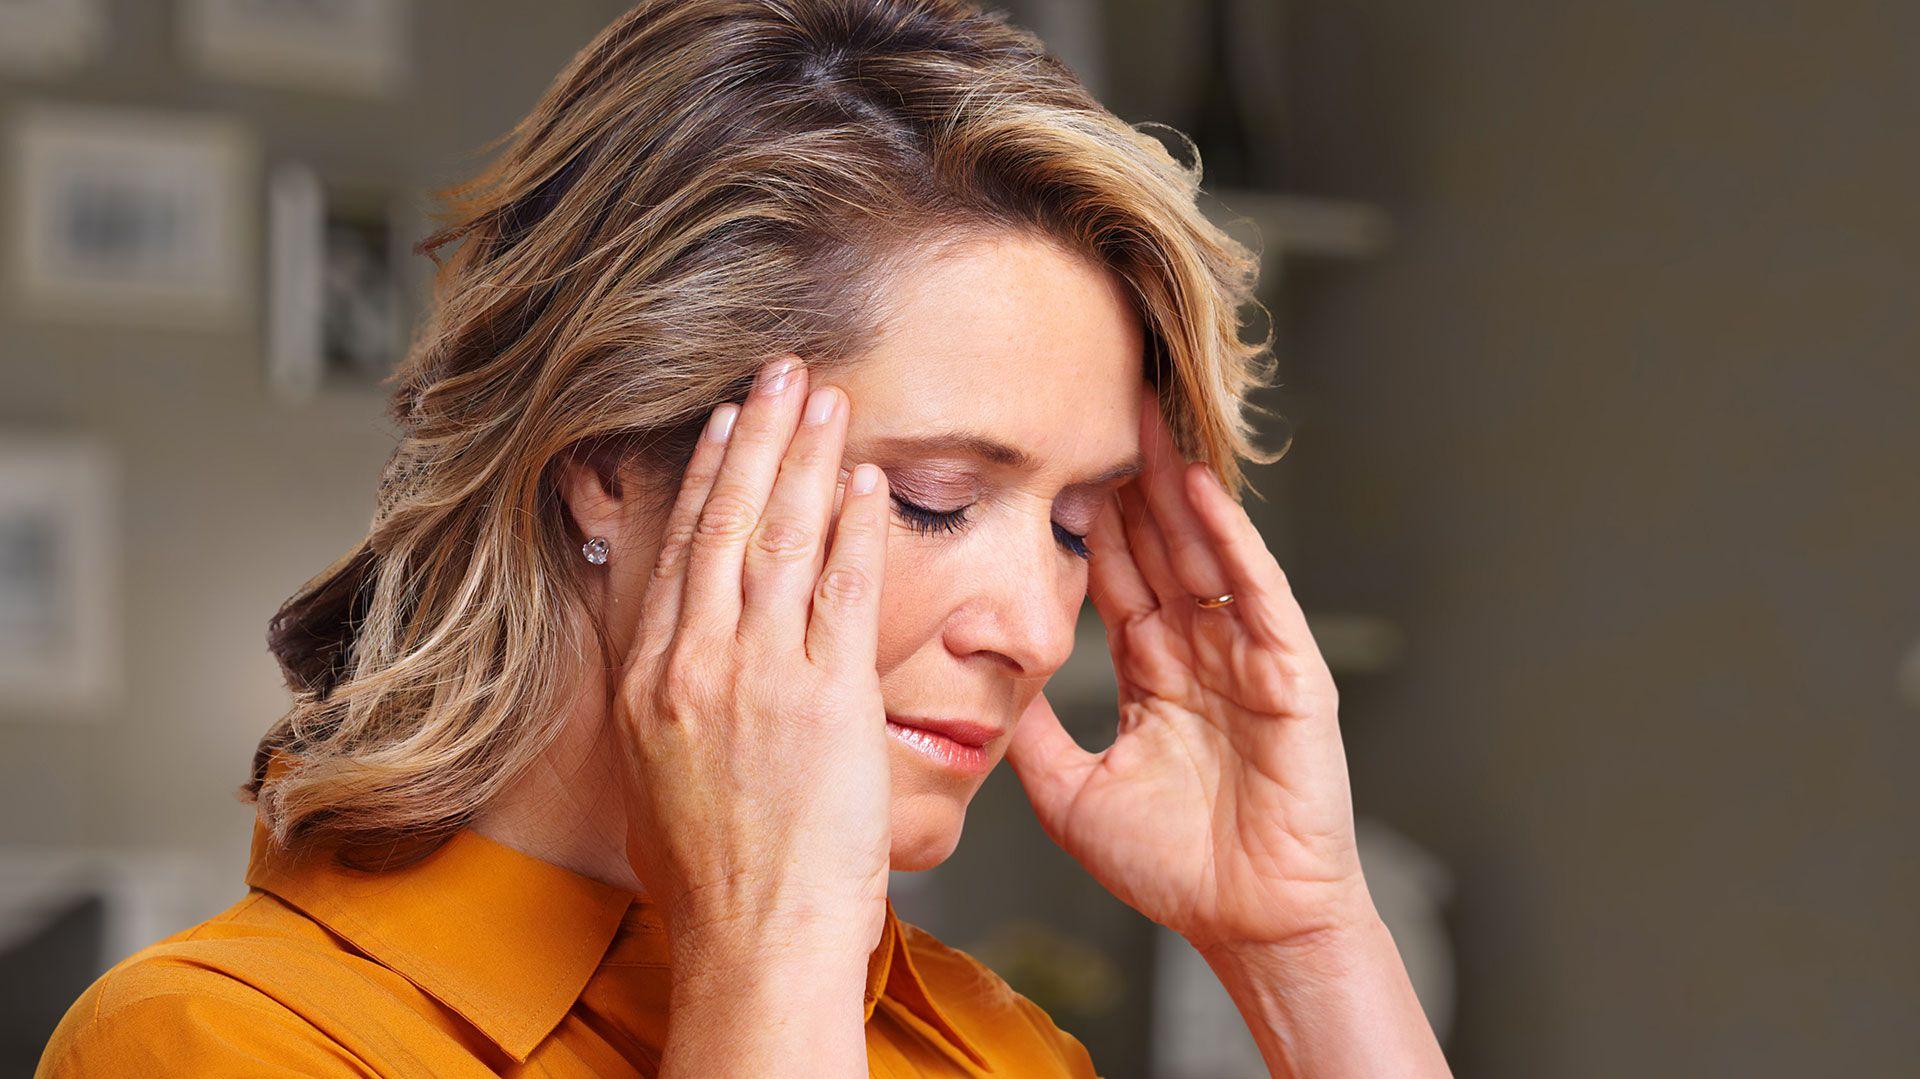 El dolor de cabeza muy fuerte, fuera de lo común, es uno de los síntomas a tener en cuenta